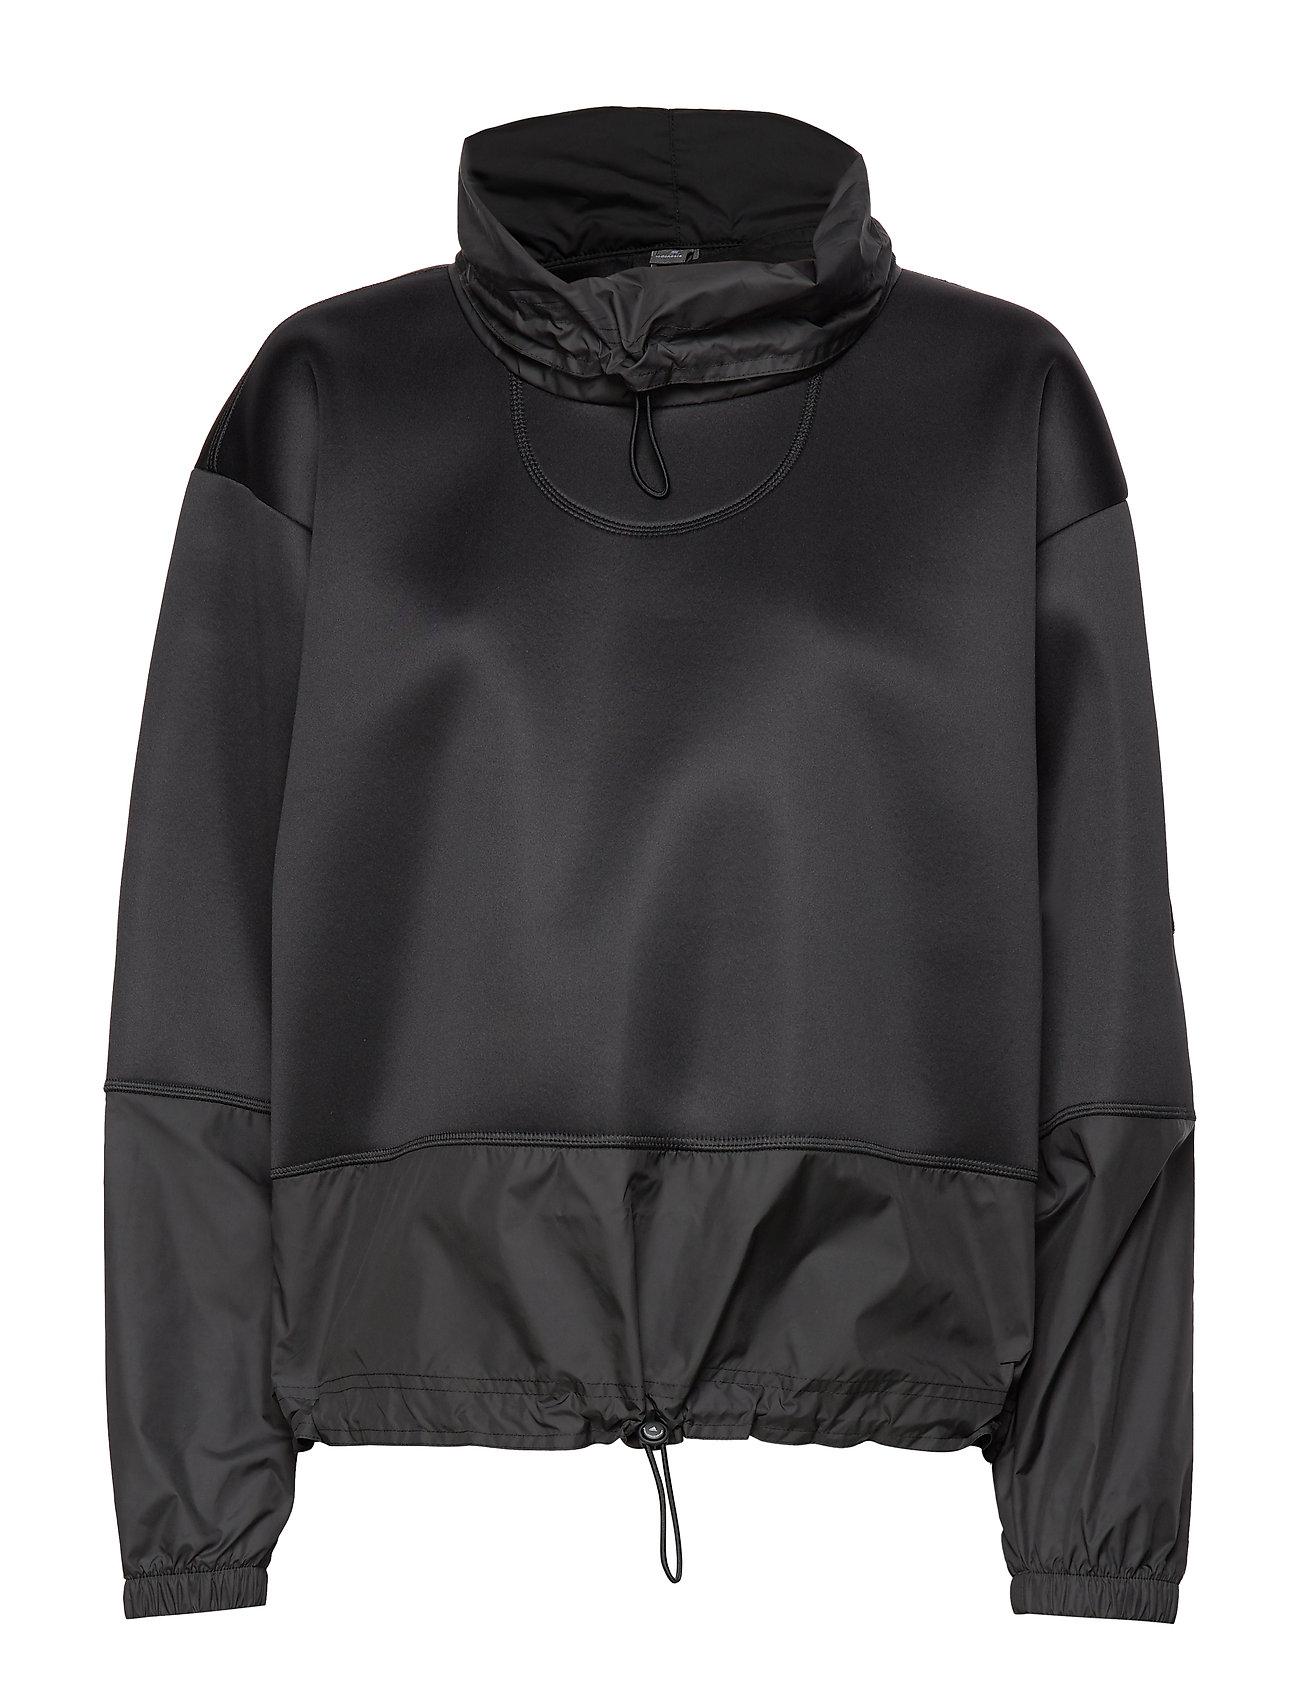 adidas by Stella McCartney RUN SWEATSHIRT - BLACK